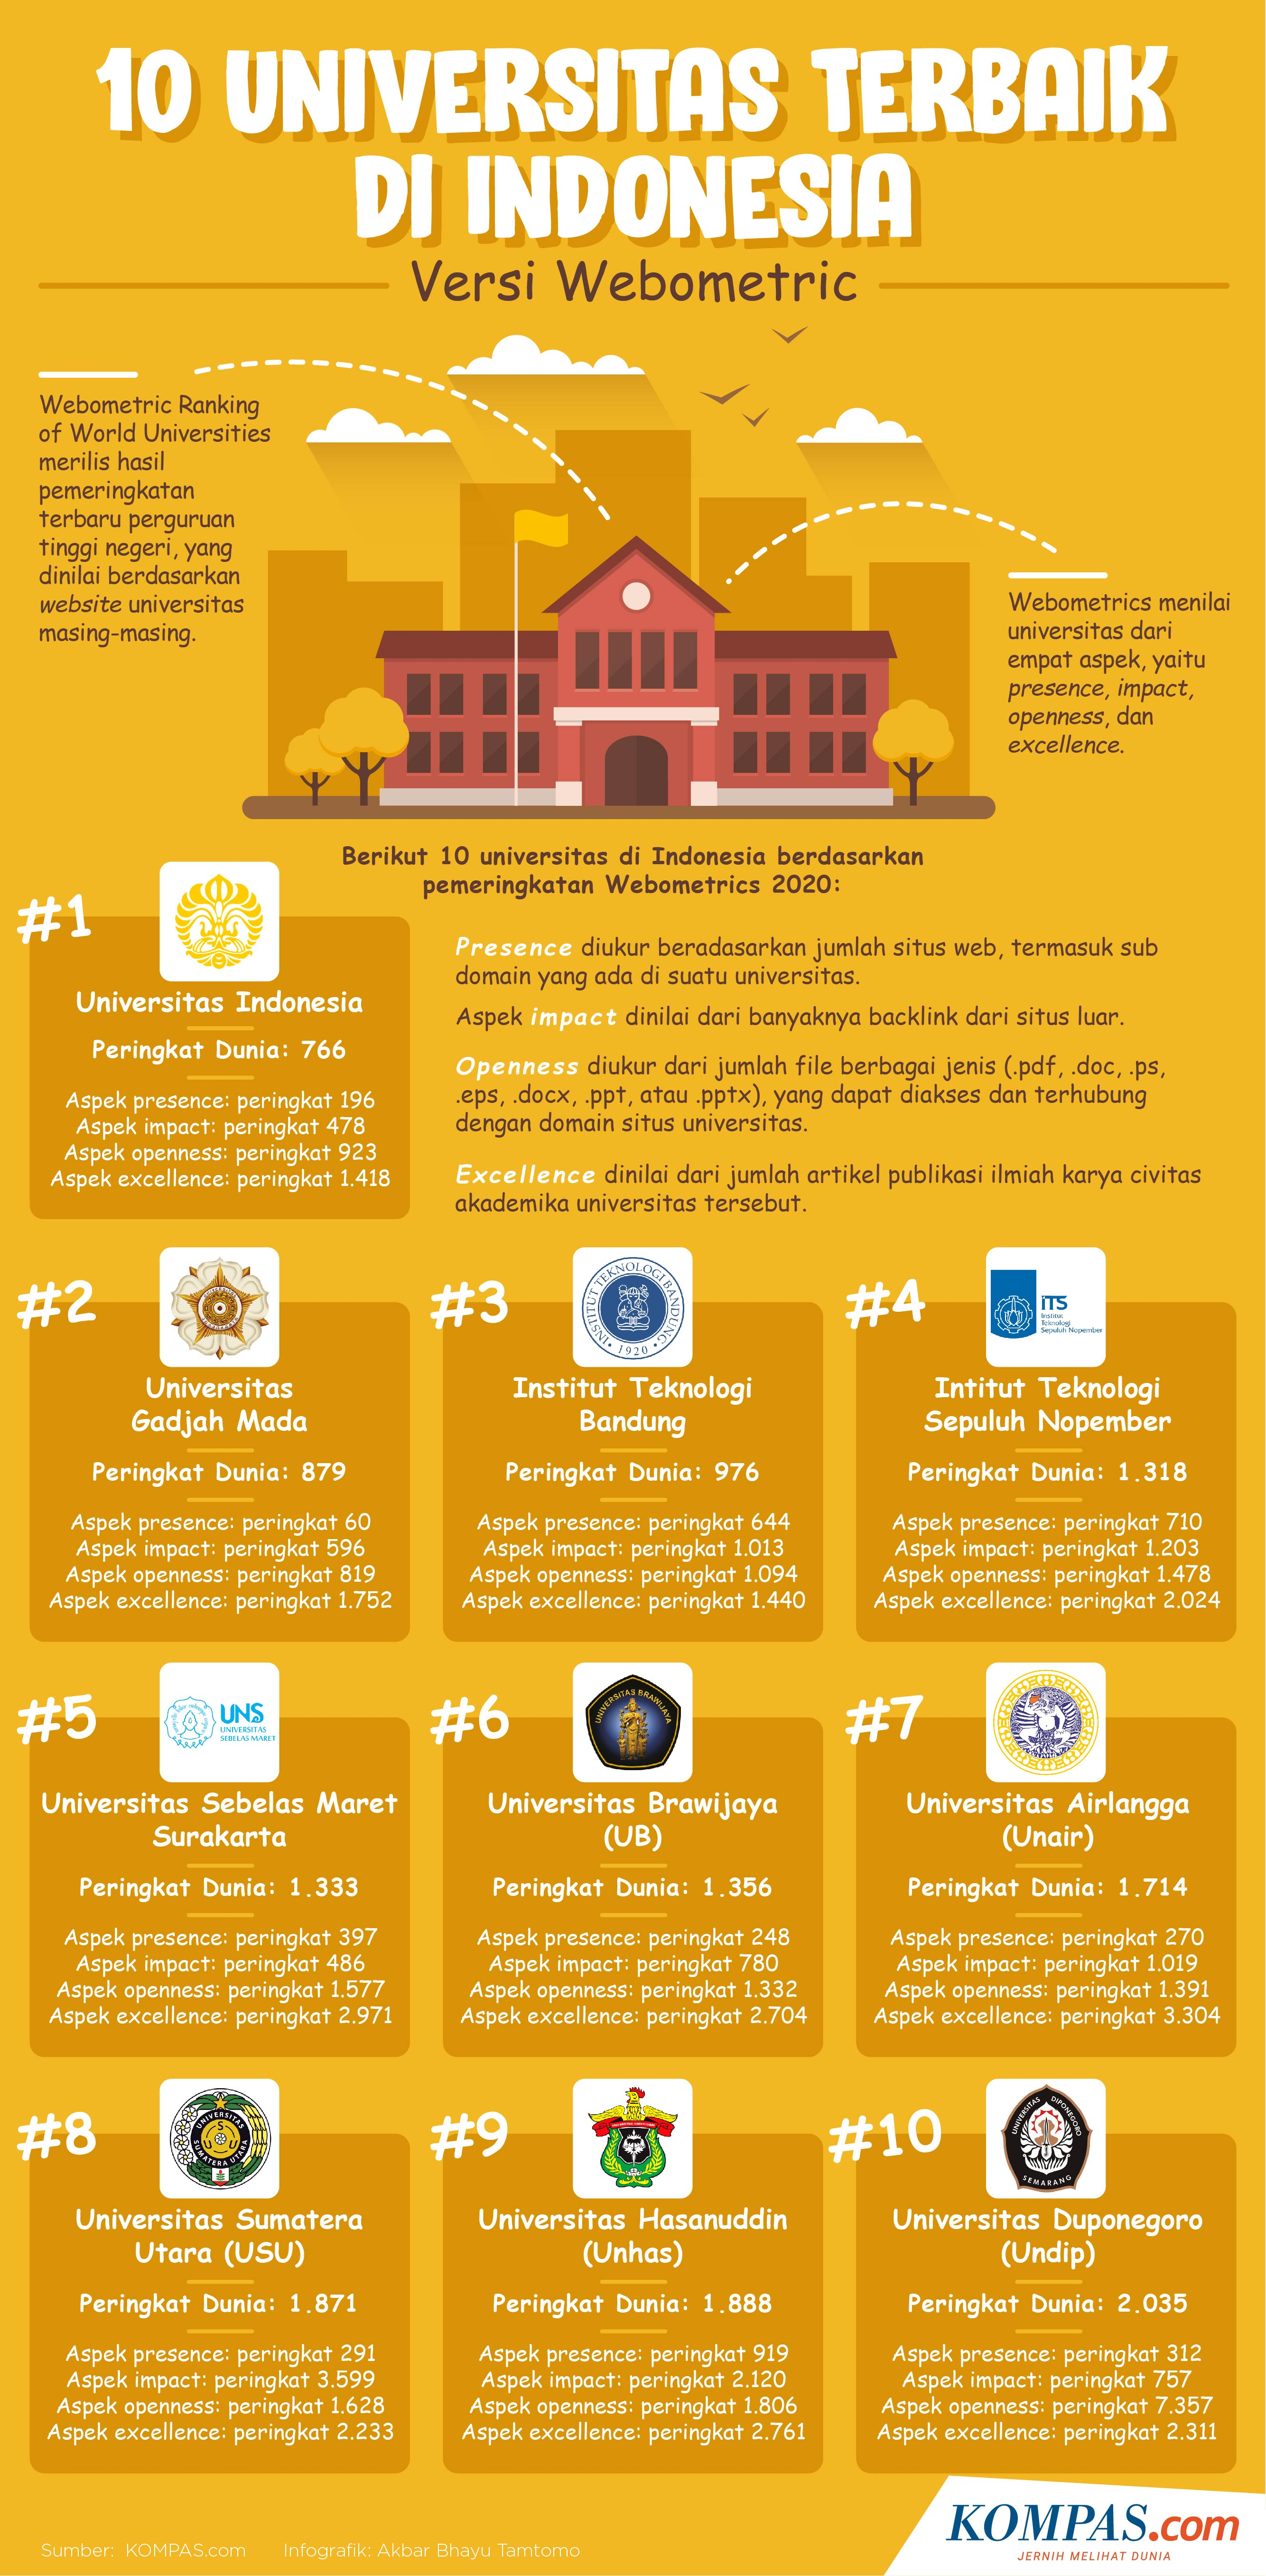 Infografik 10 Universitas Terbaik Di Indonesia Versi Webometrics